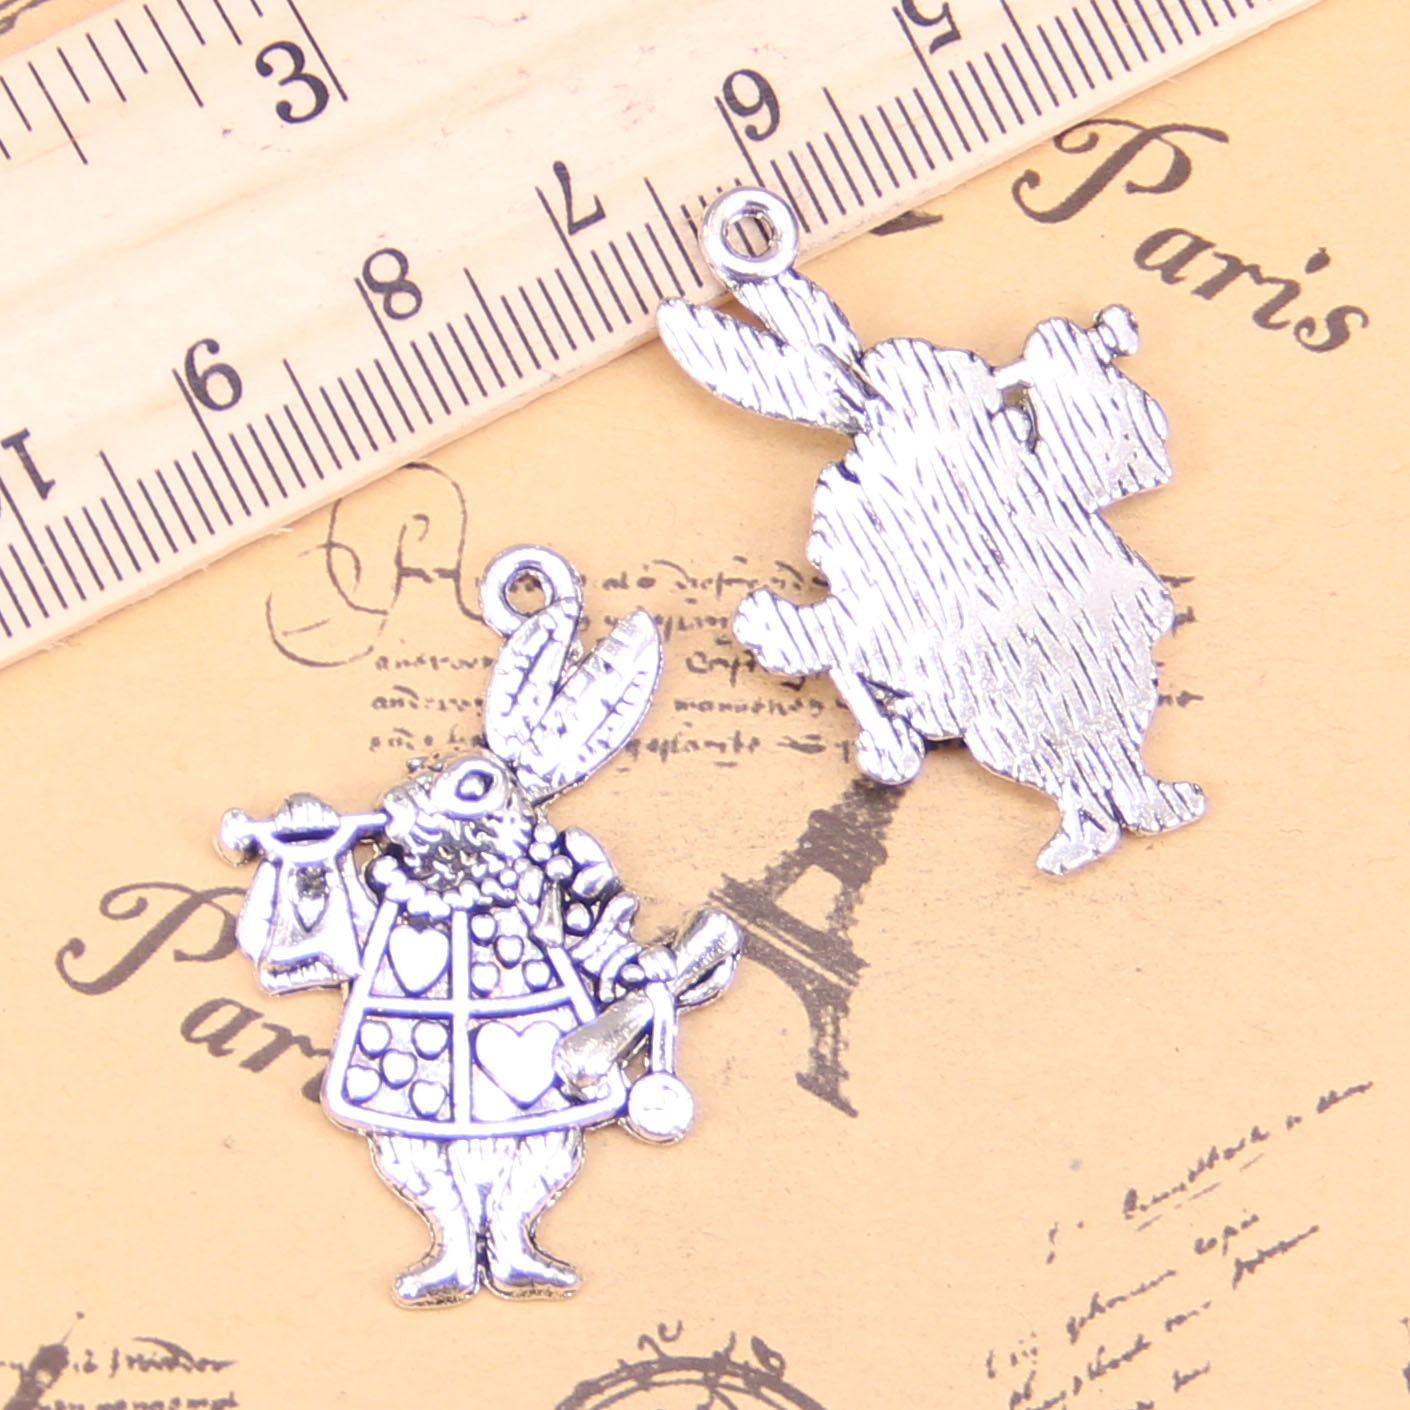 6pcs Charms Musical Rabbit Trumpet 36x23mm Antique Pendants,vintage Tibetan Silver Jewelry,diy For Bracelet Necklace